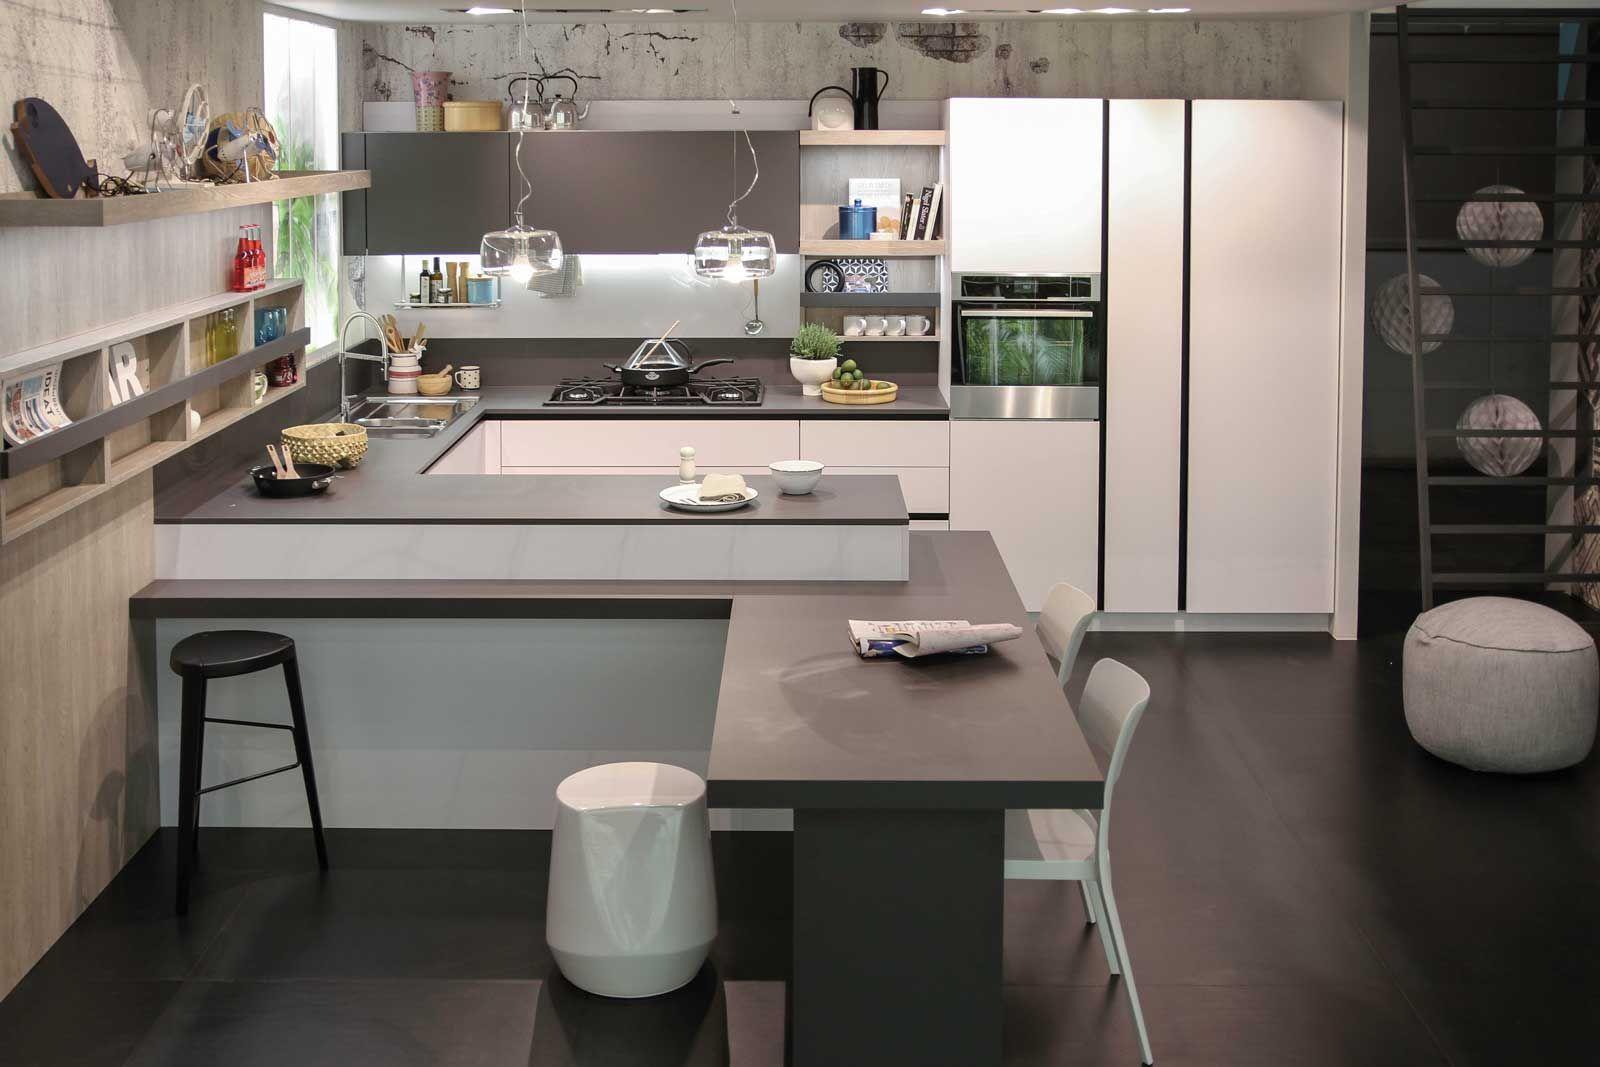 Cucina: uno spazio con tante identità | CASA SANT \' EUFEMIA ...